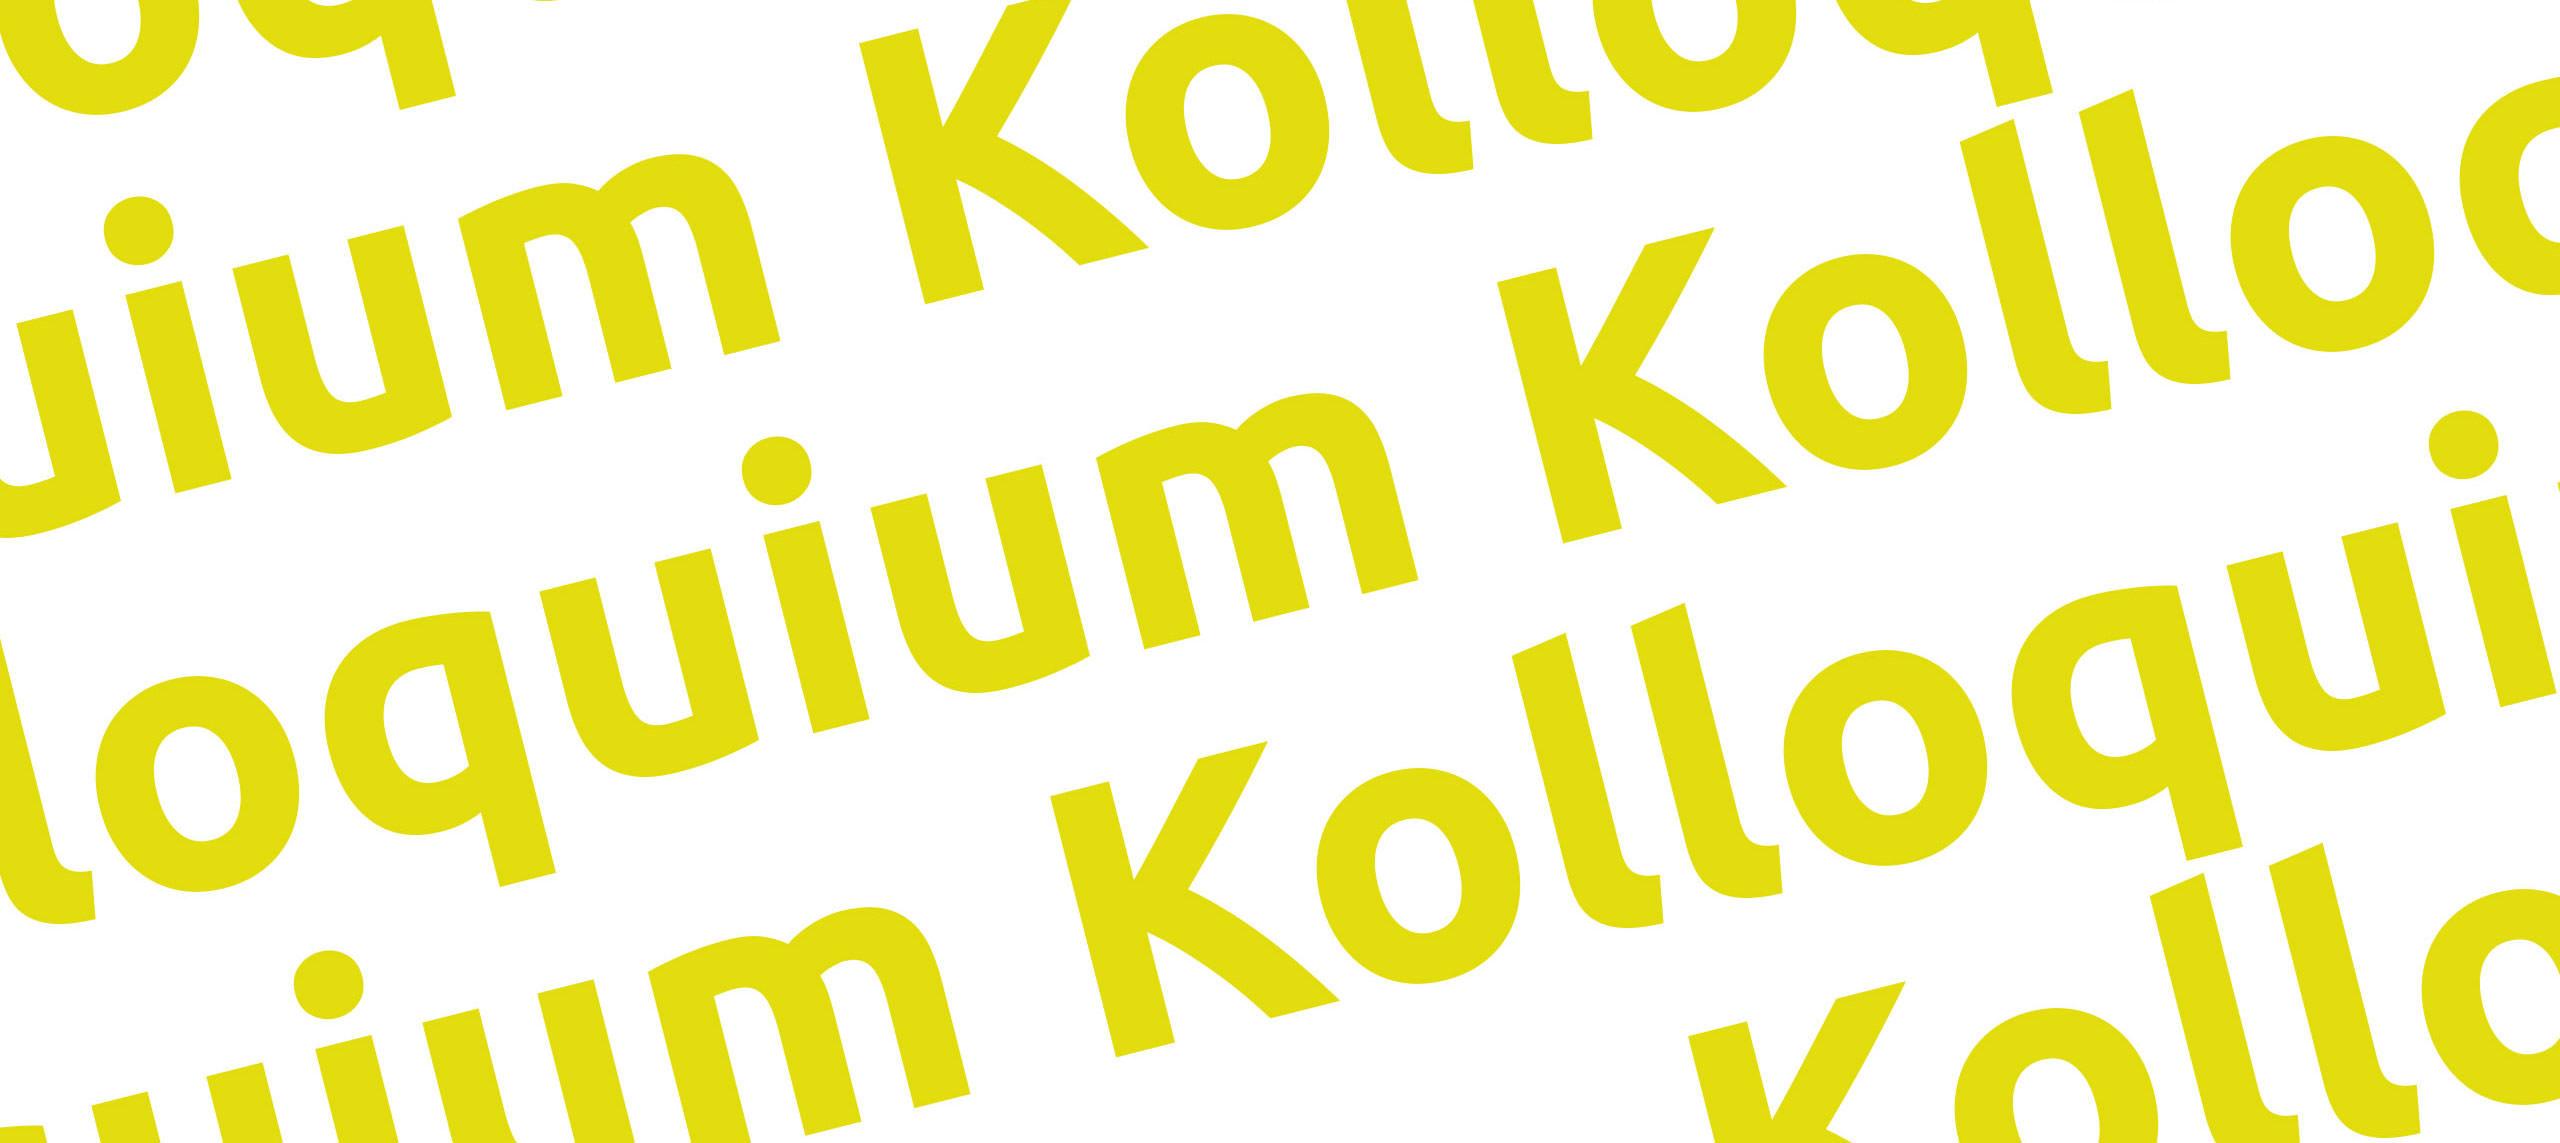 Christian Kläui | Was tun? Psychoanalyse angesichts des Politischen